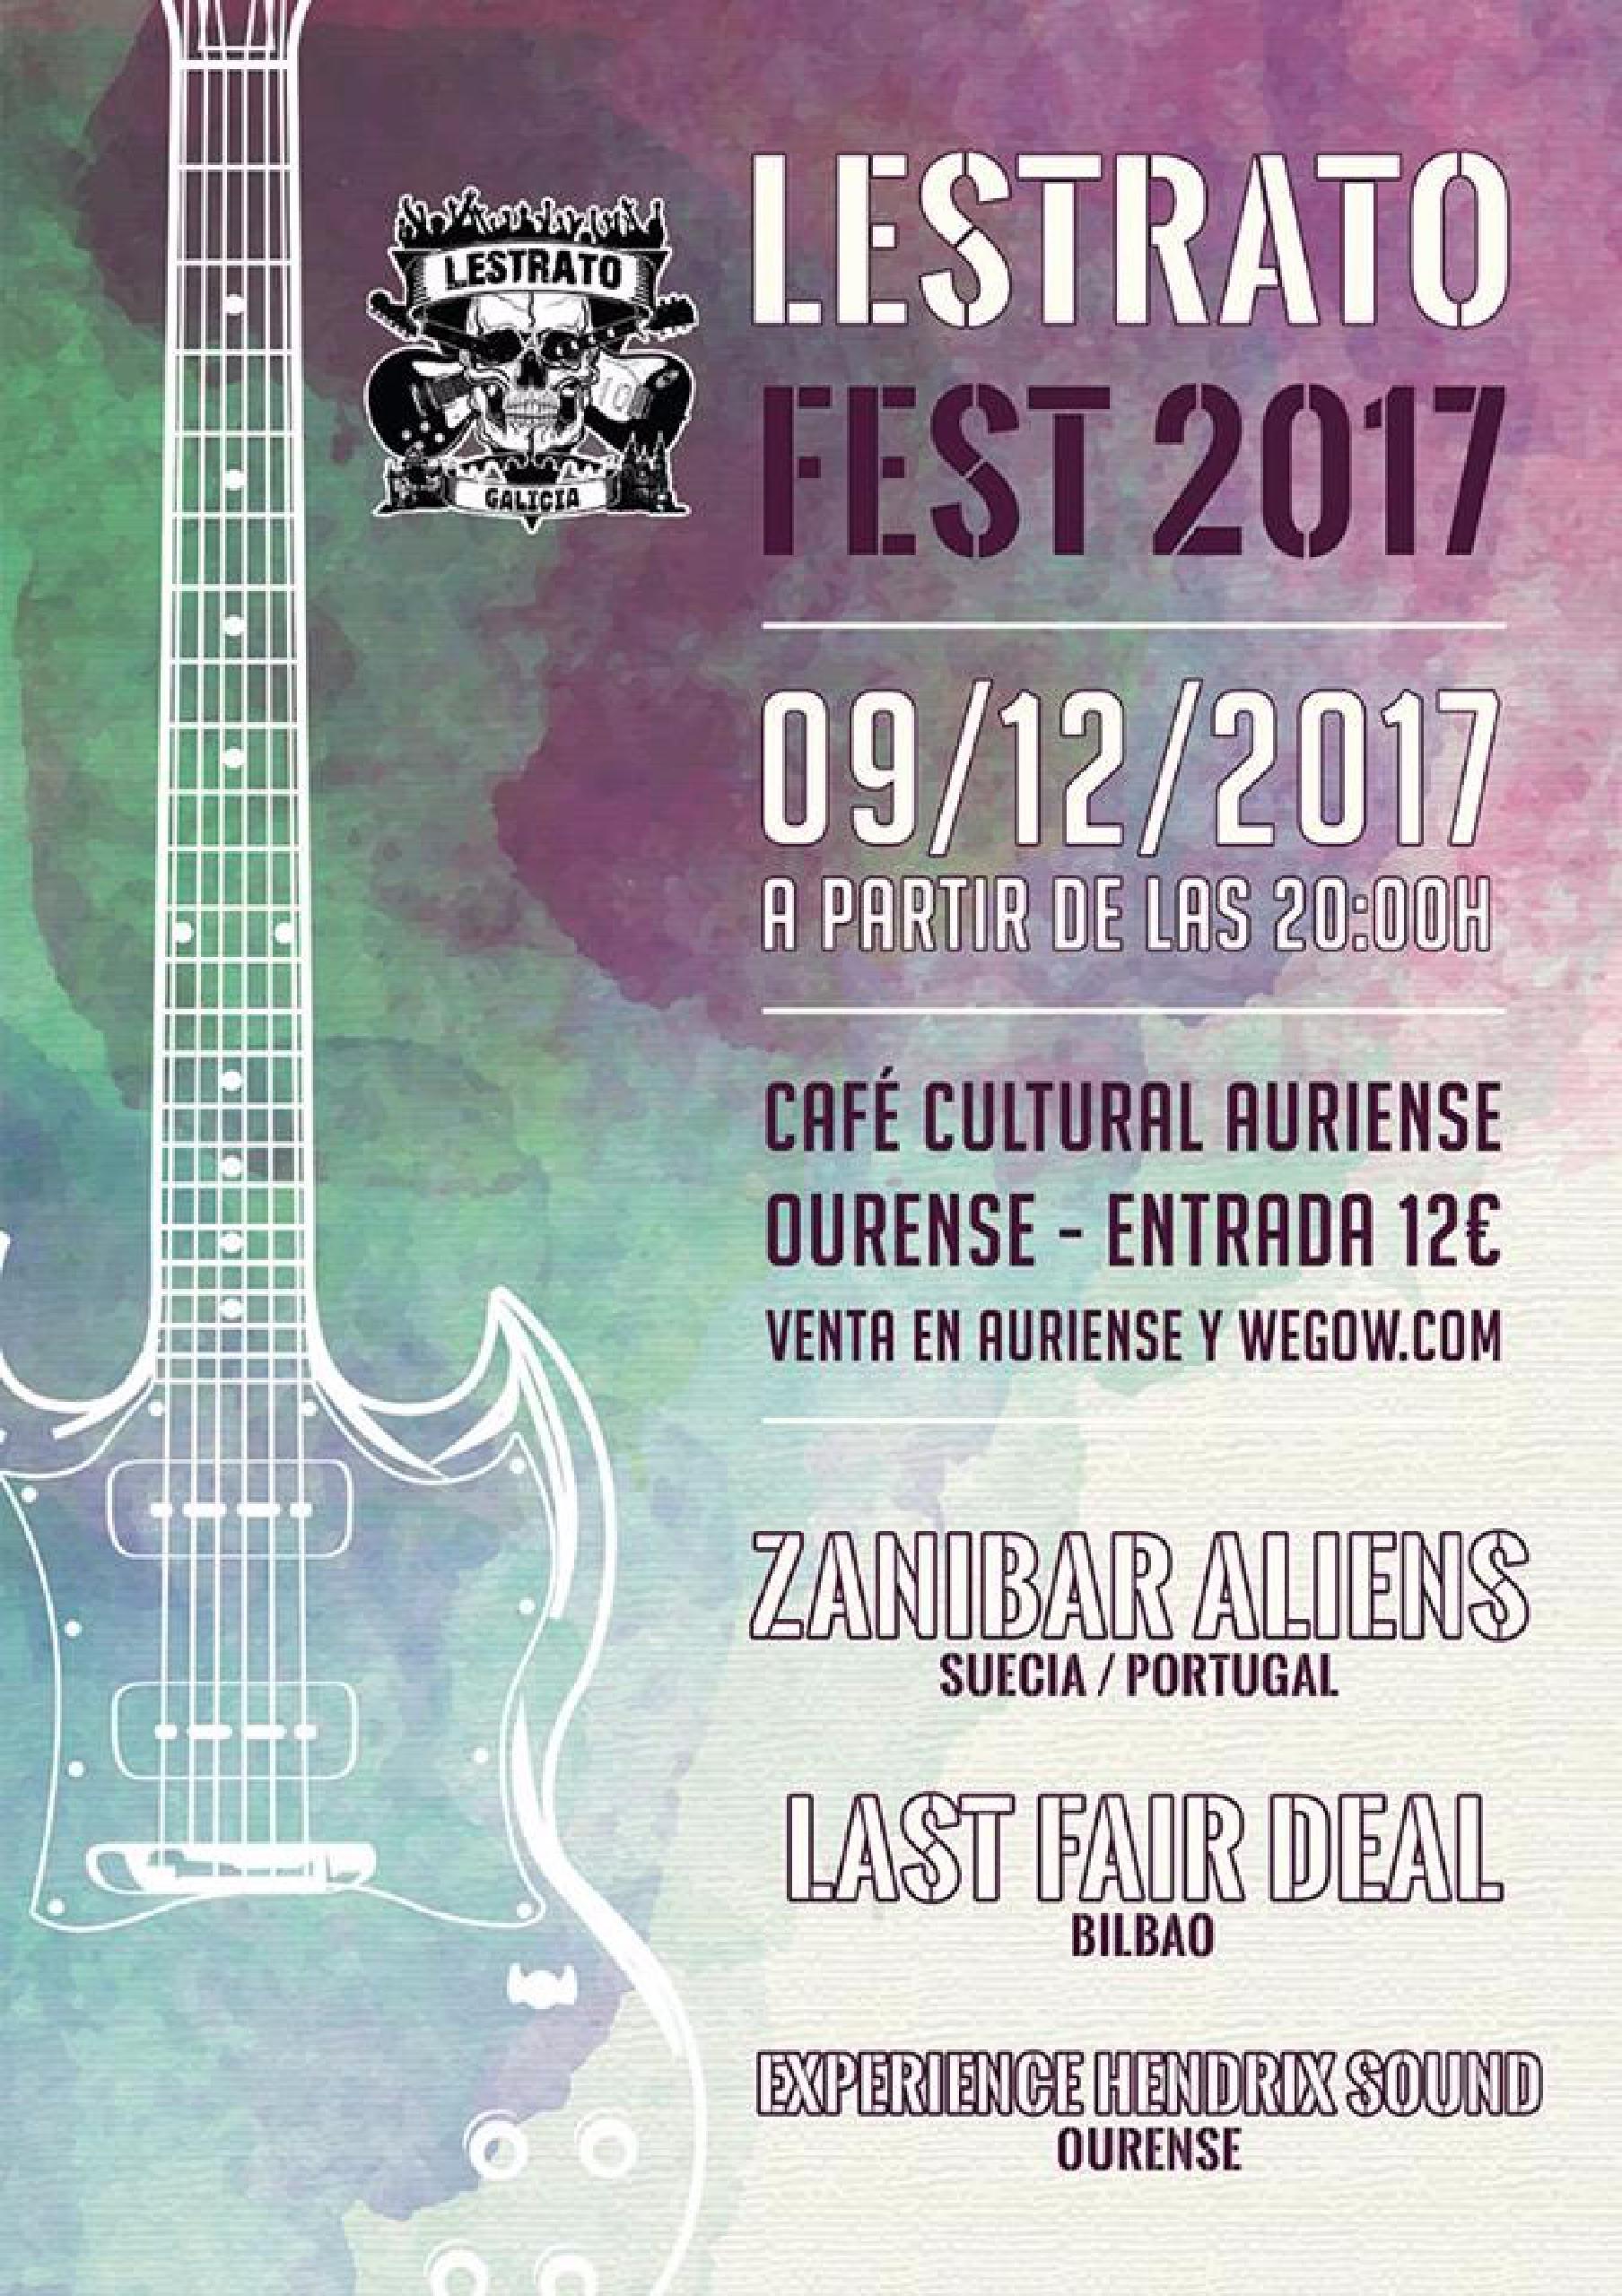 LESTRATO FEST 2017